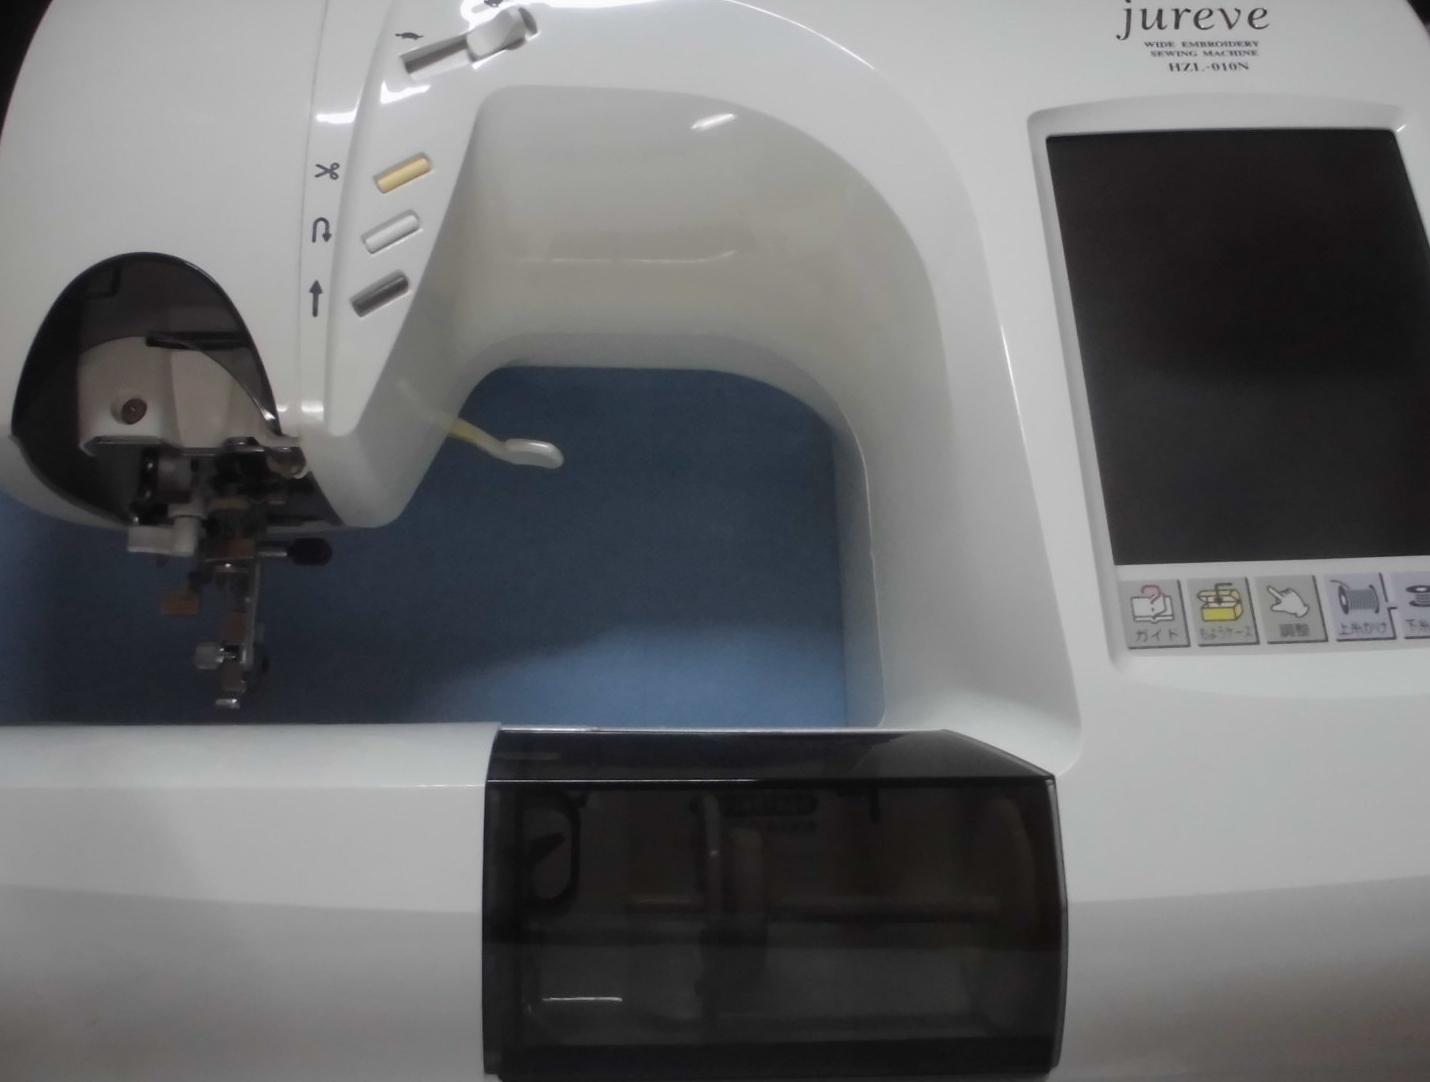 ジューキミシン修理|ジュレーブ|縫えない、針が釜にあたる、動かない